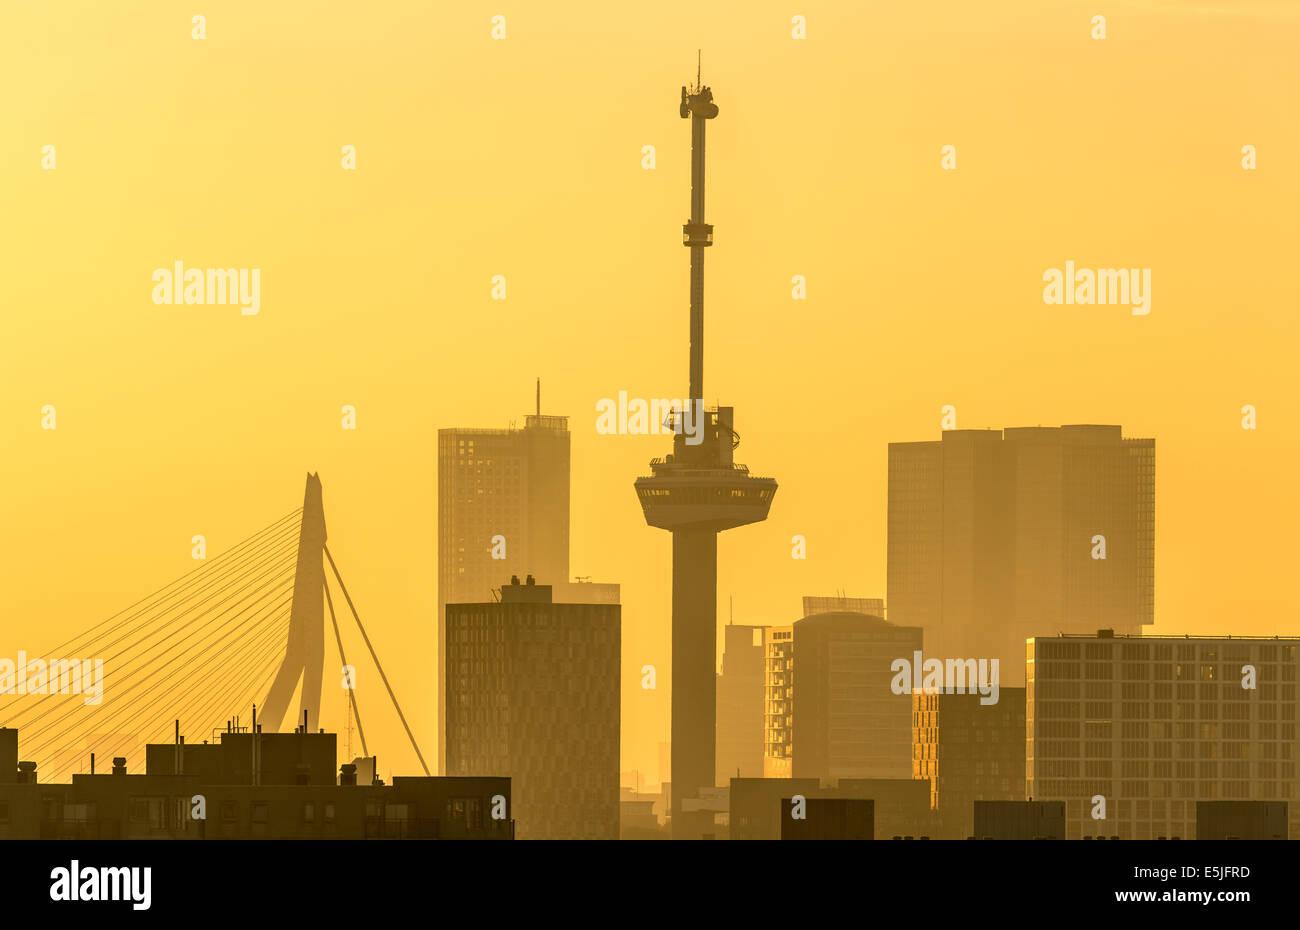 Países Bajos, Rotterdam, Skyline con Euromast y el puente Erasmus. Amanecer Imagen De Stock